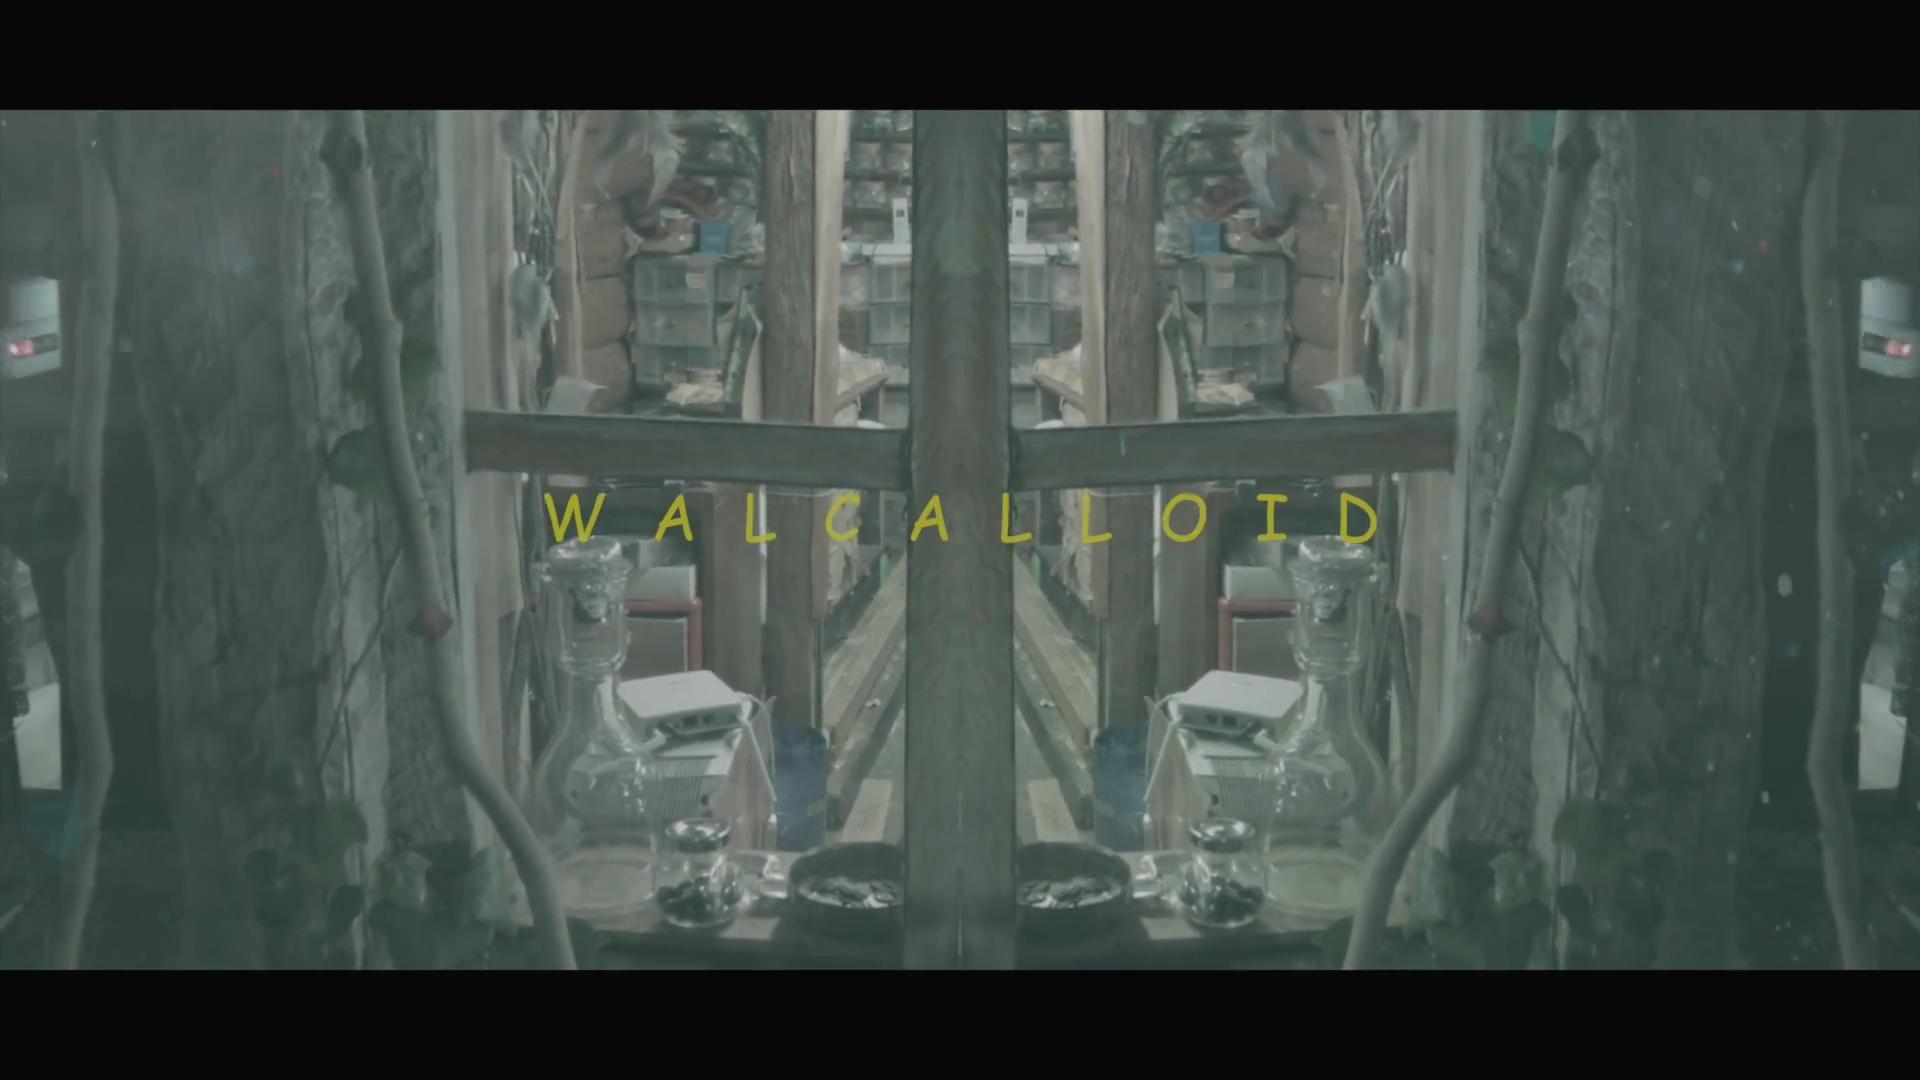 里咲りさ - WALCALLOID (Risa Satosaki - WALCALLOID).mp4_20160316_212642.203